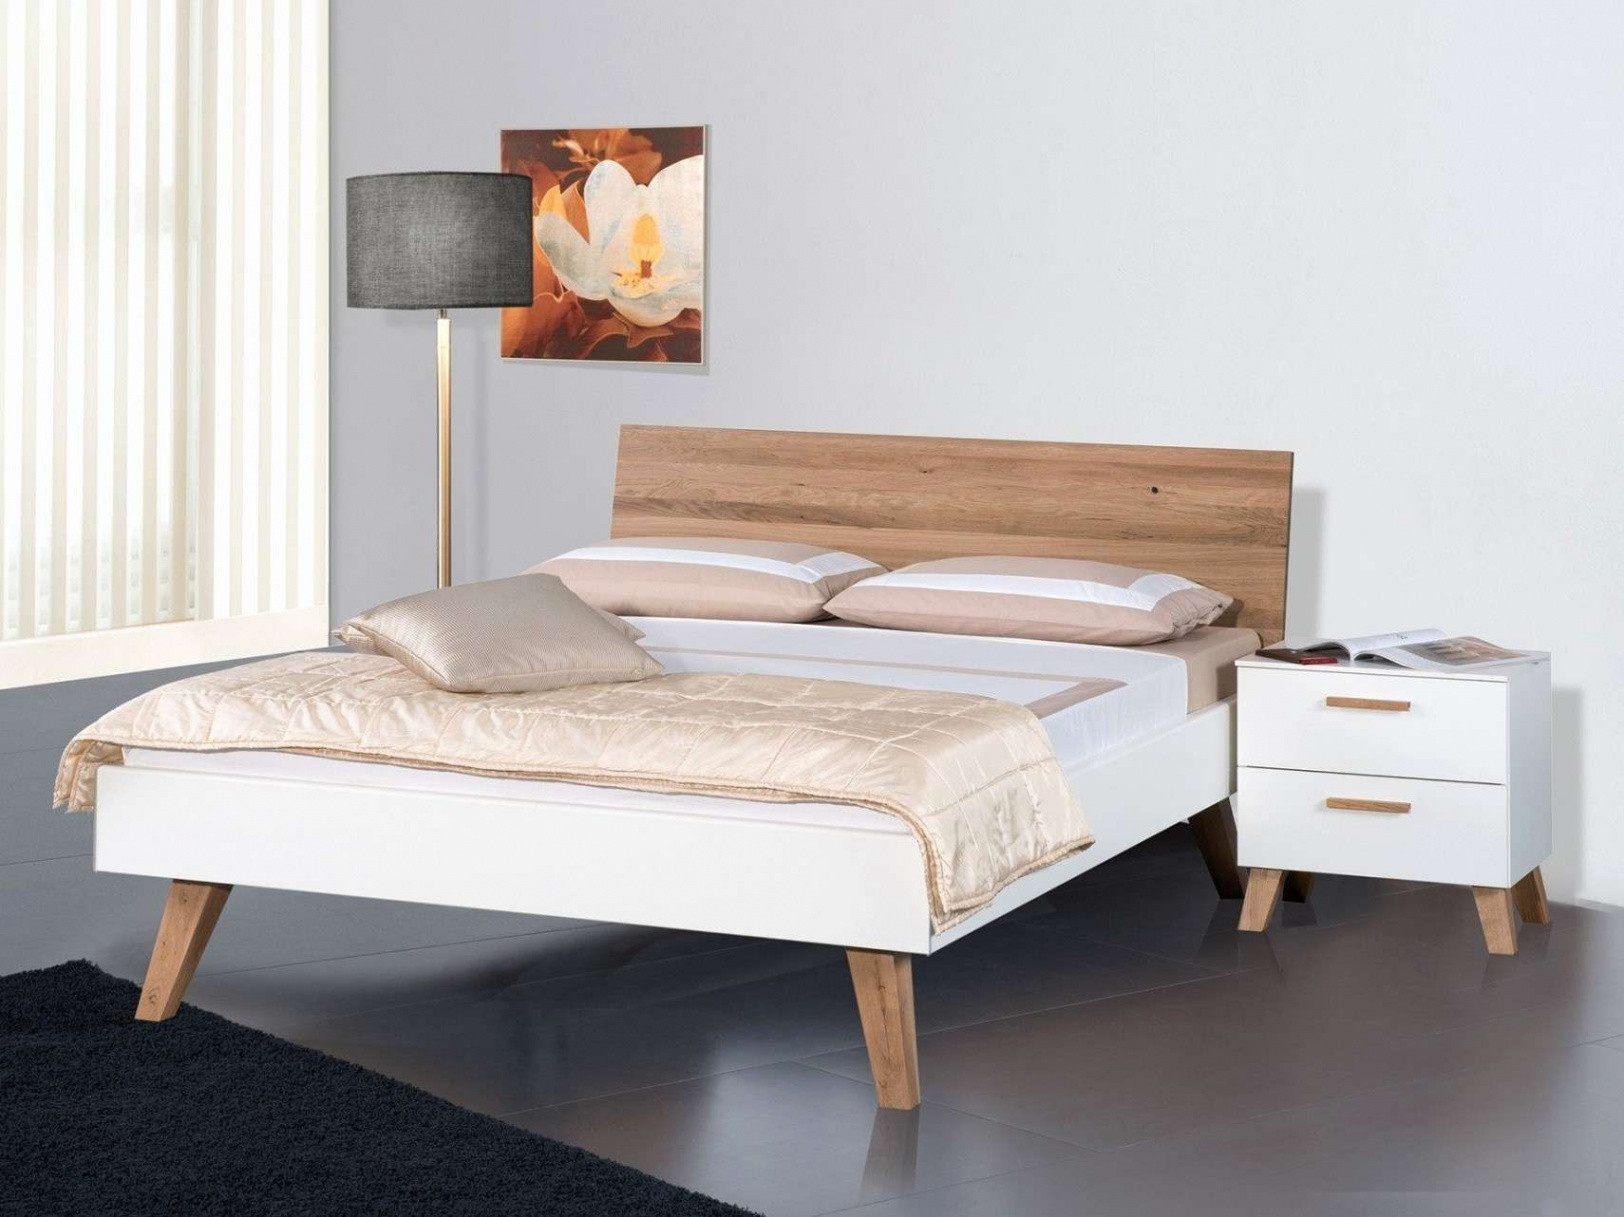 Tete De Lit Ikea 160 Charmant Tete De Lit 160 Gris Clair Tete De Lit Ikea 180 Fauteuil Salon Ikea